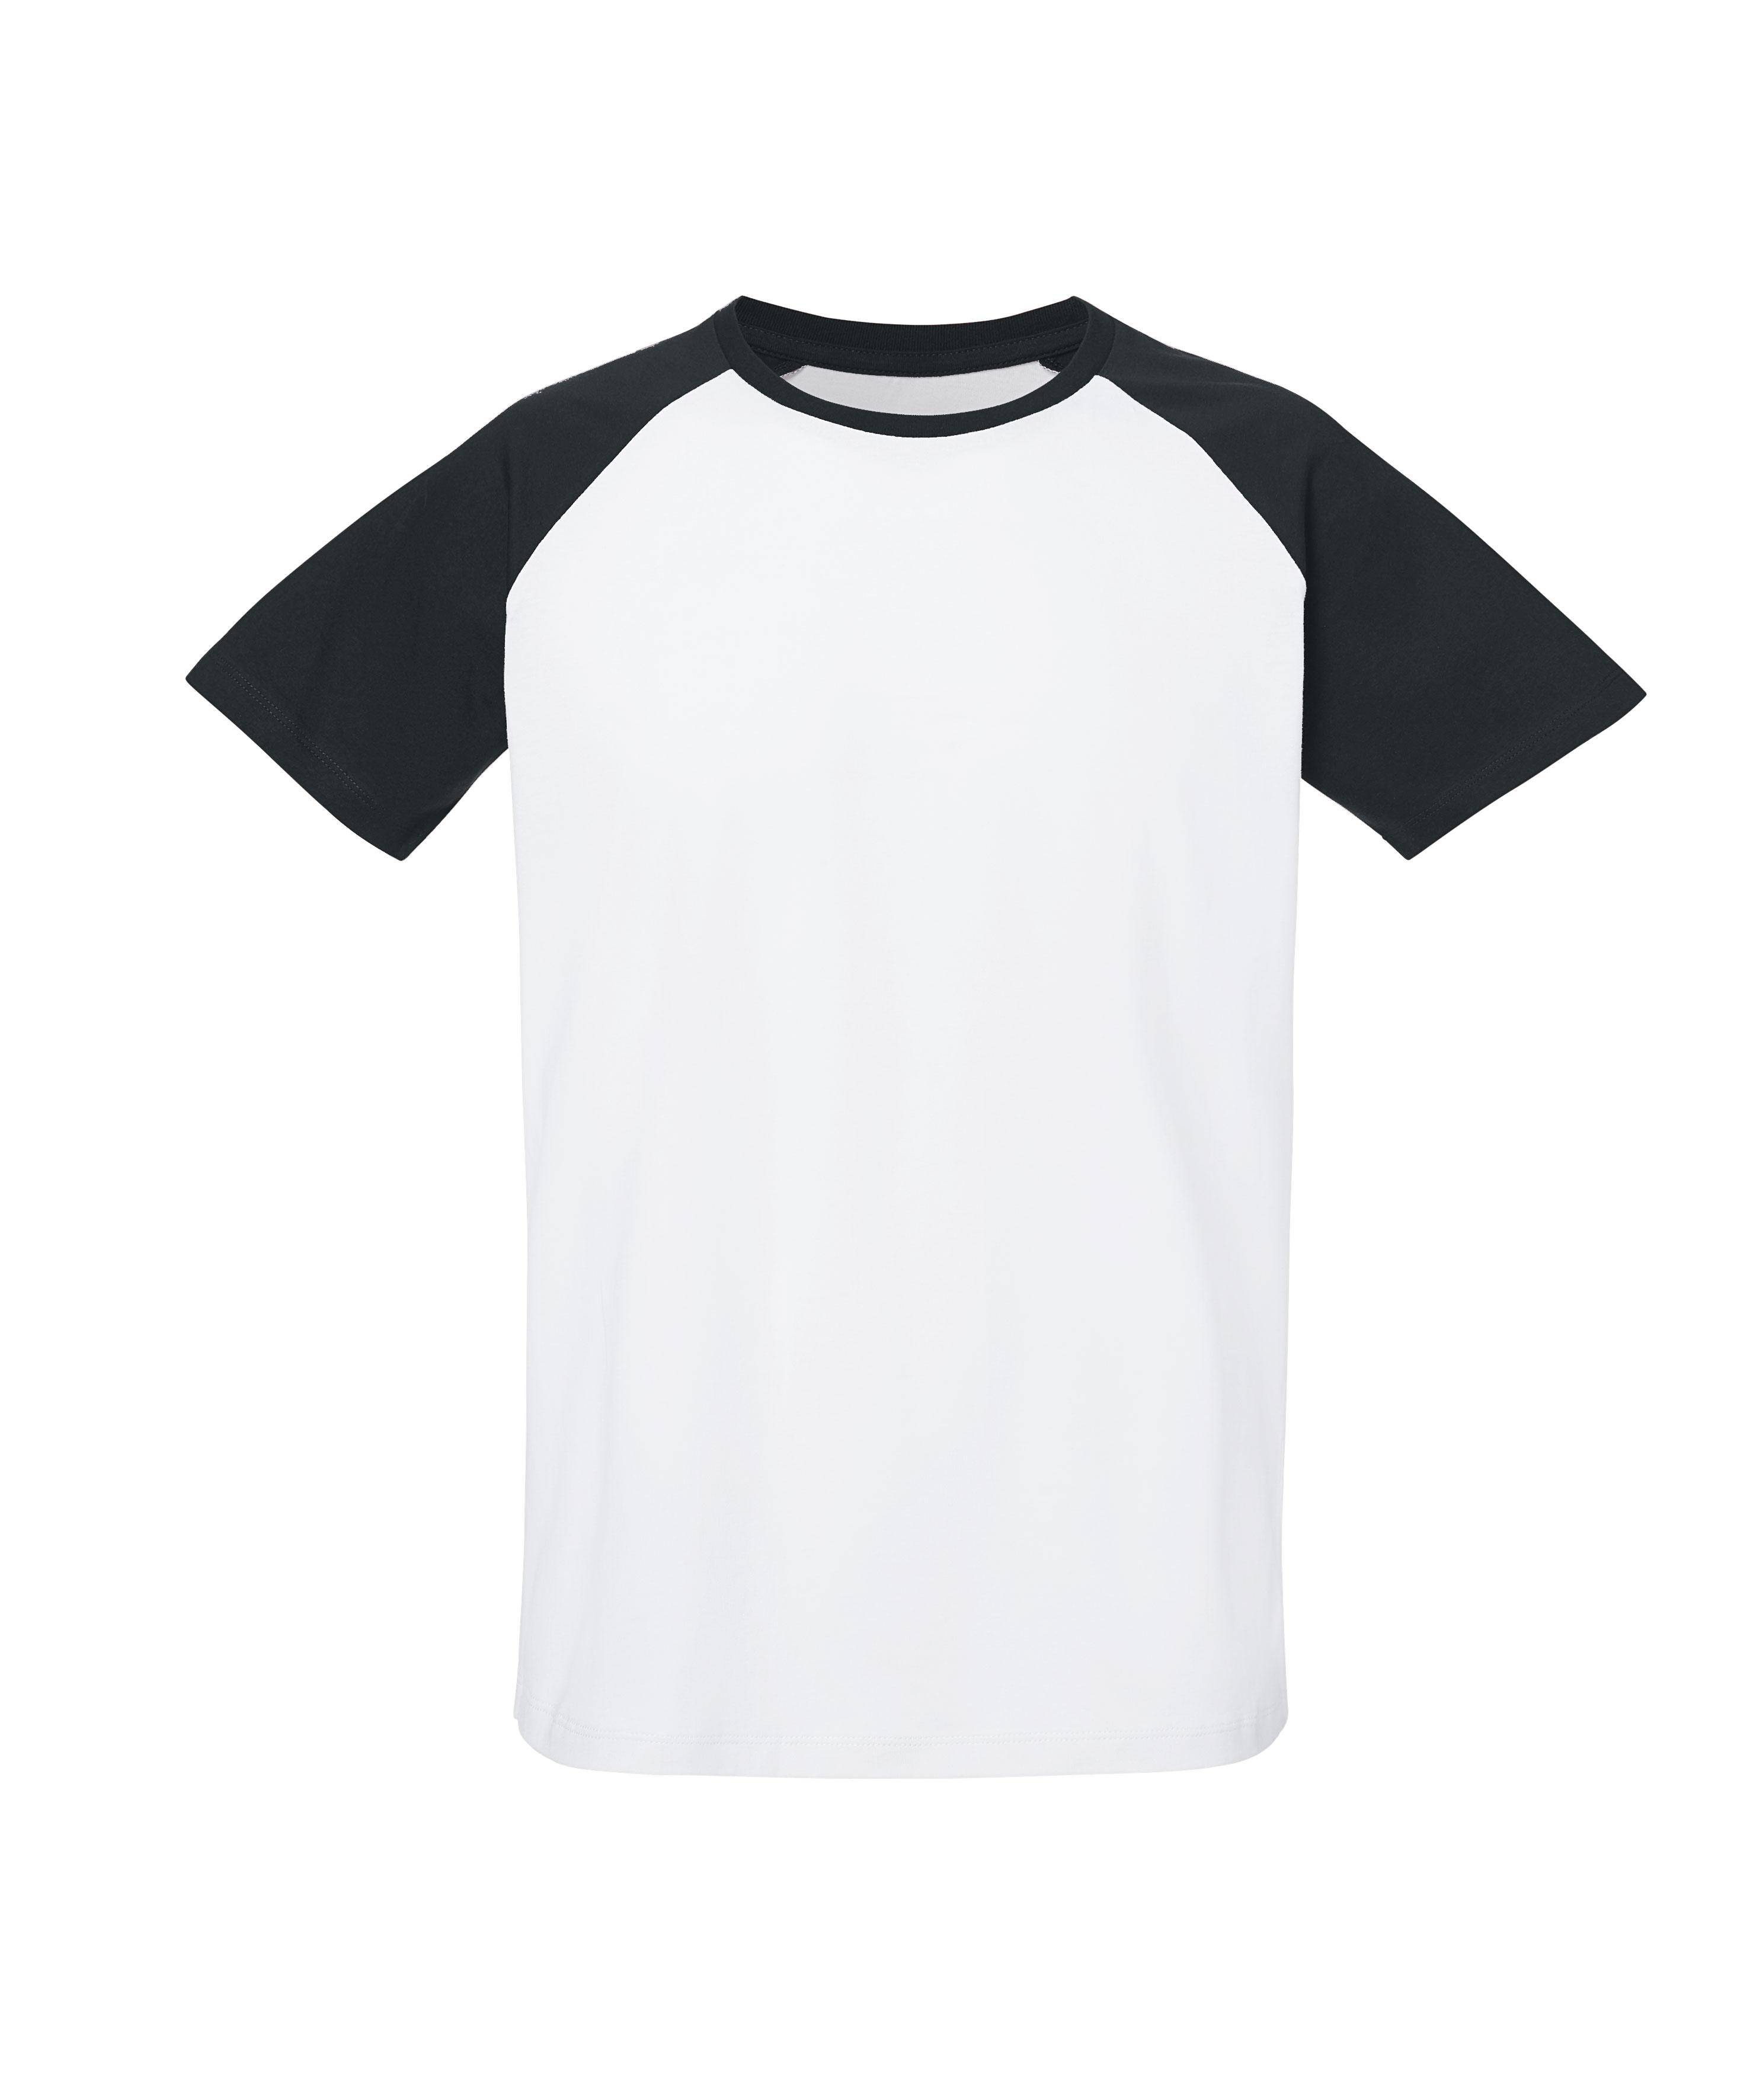 white - black